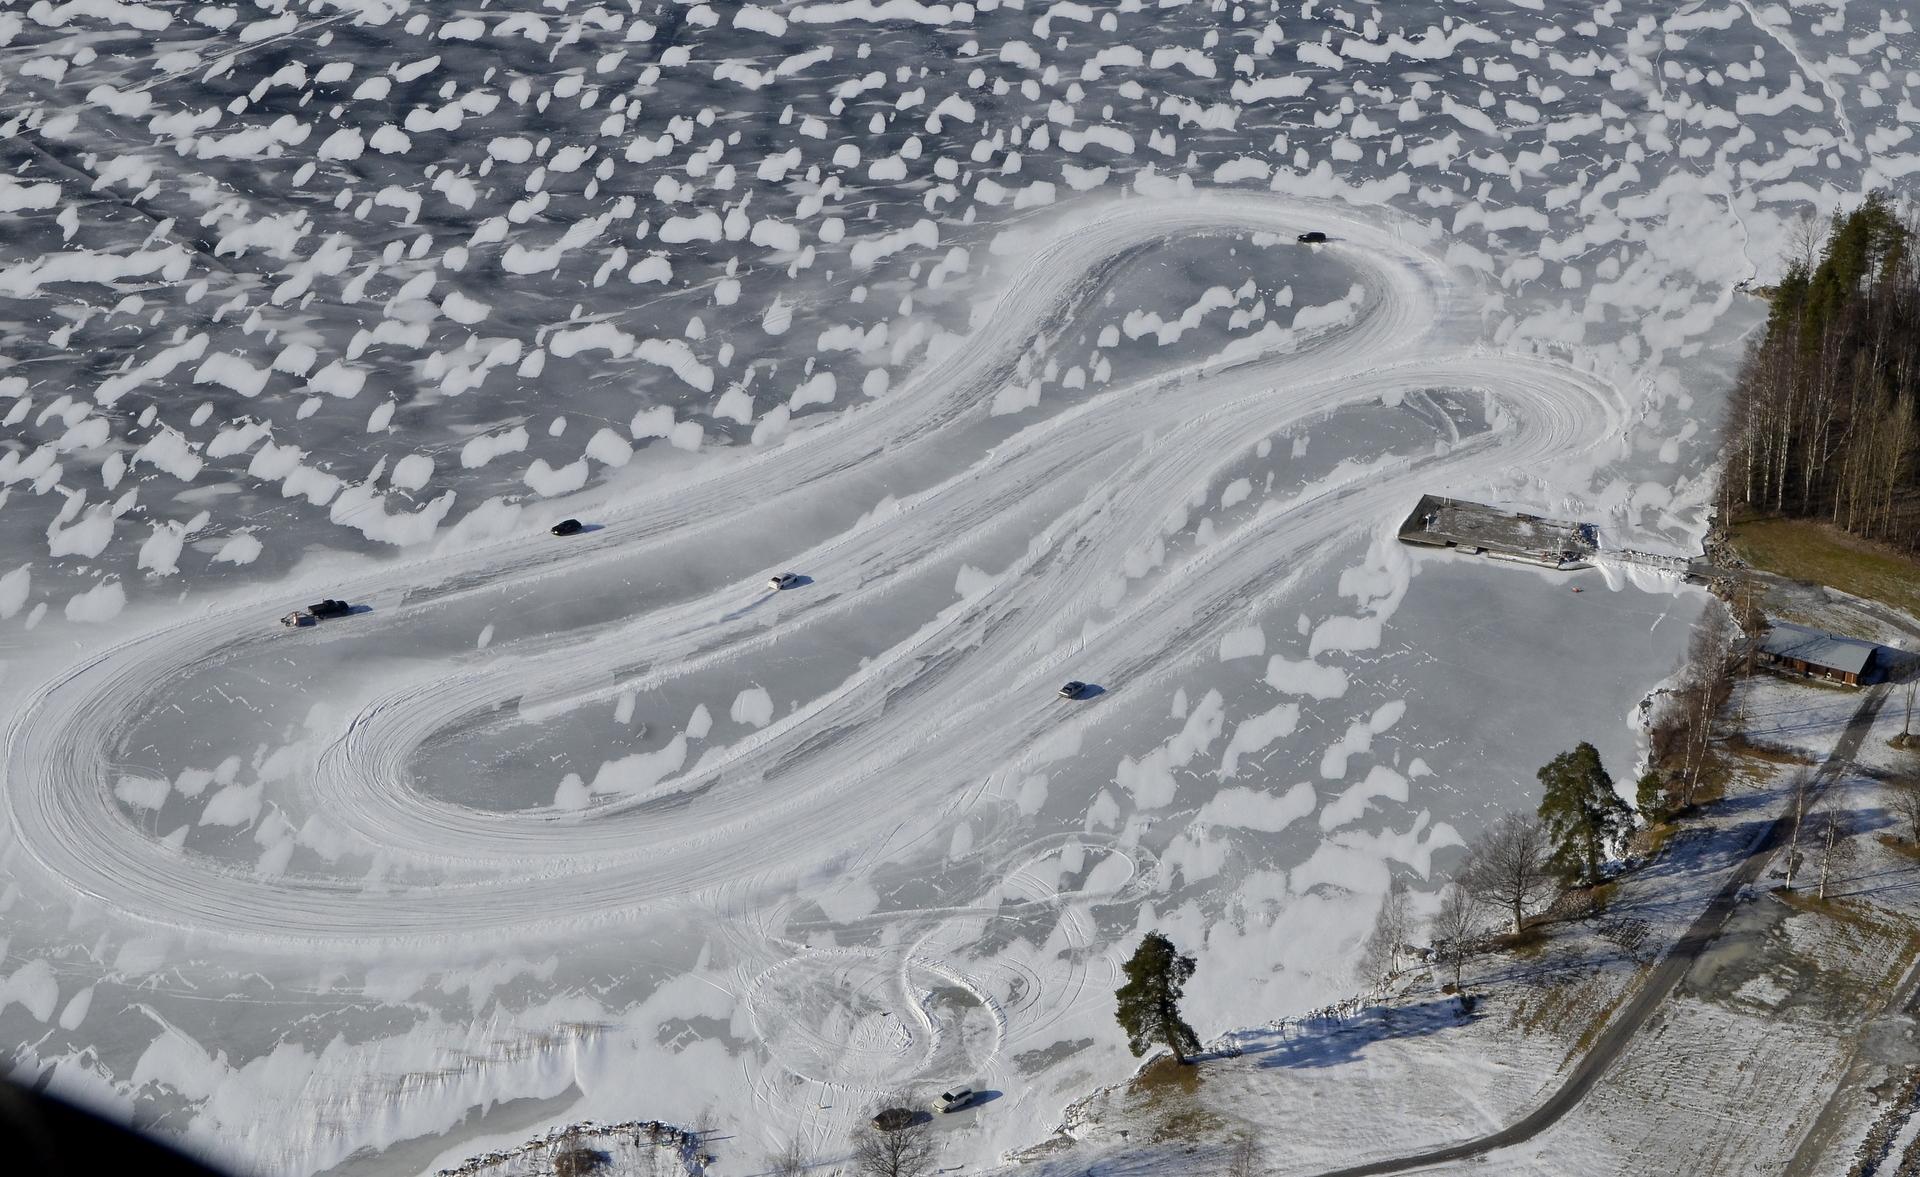 Jään pinta näyttää erikoiselta lumiläikkien takia.